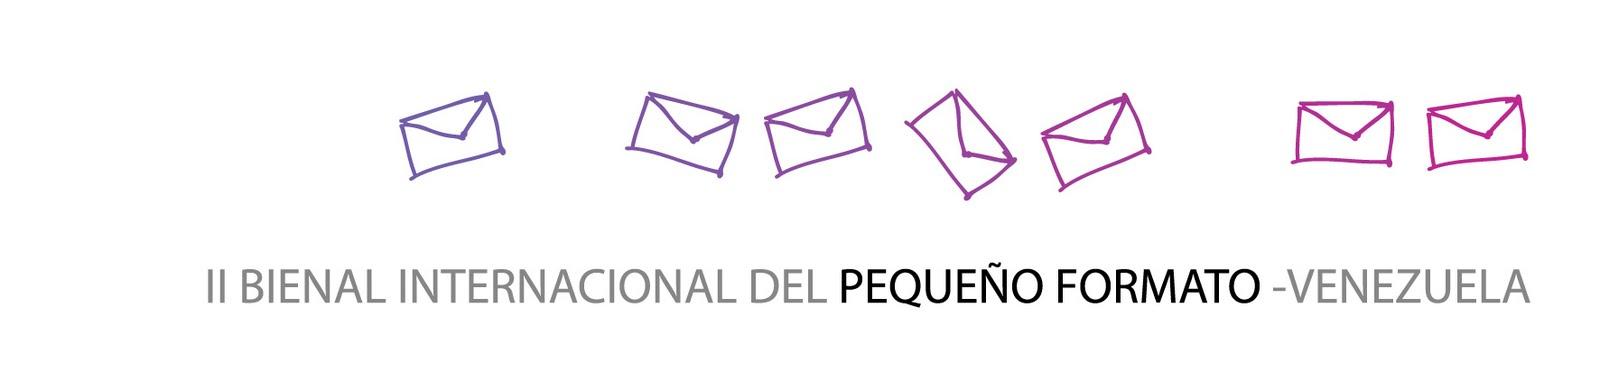 II bienal internacional del pequeño formato